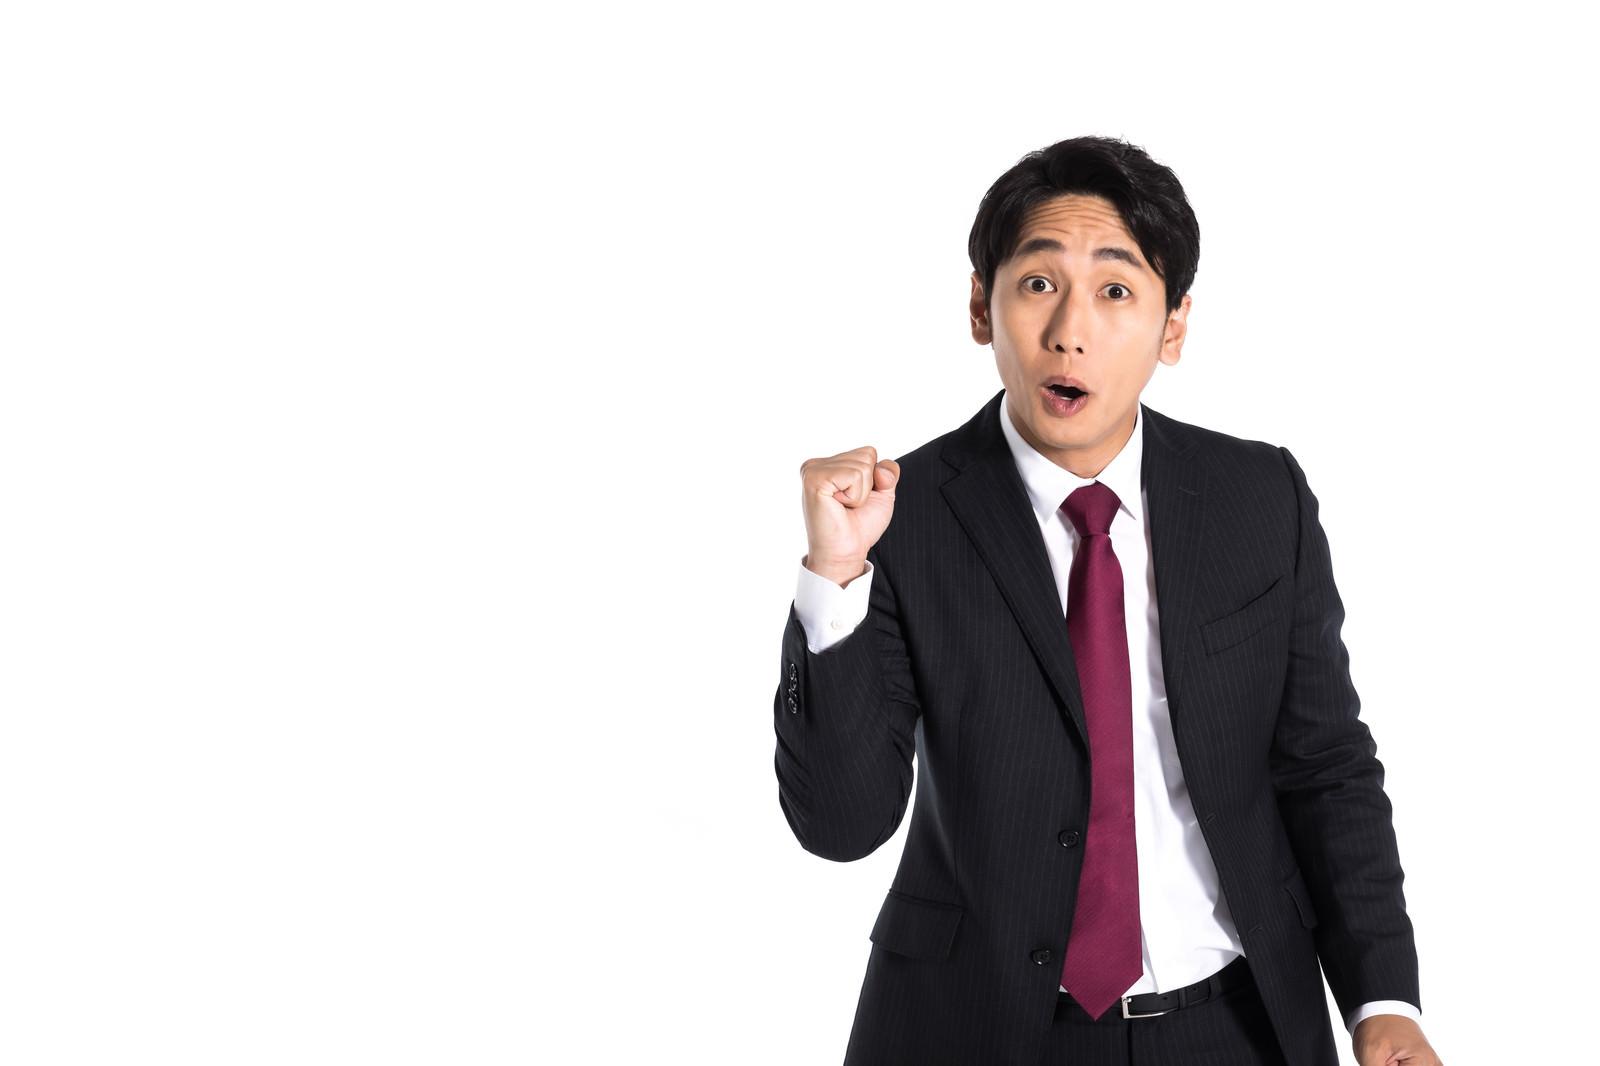 「失敗した社員にアウトを宣告する会社員」の写真[モデル:大川竜弥]